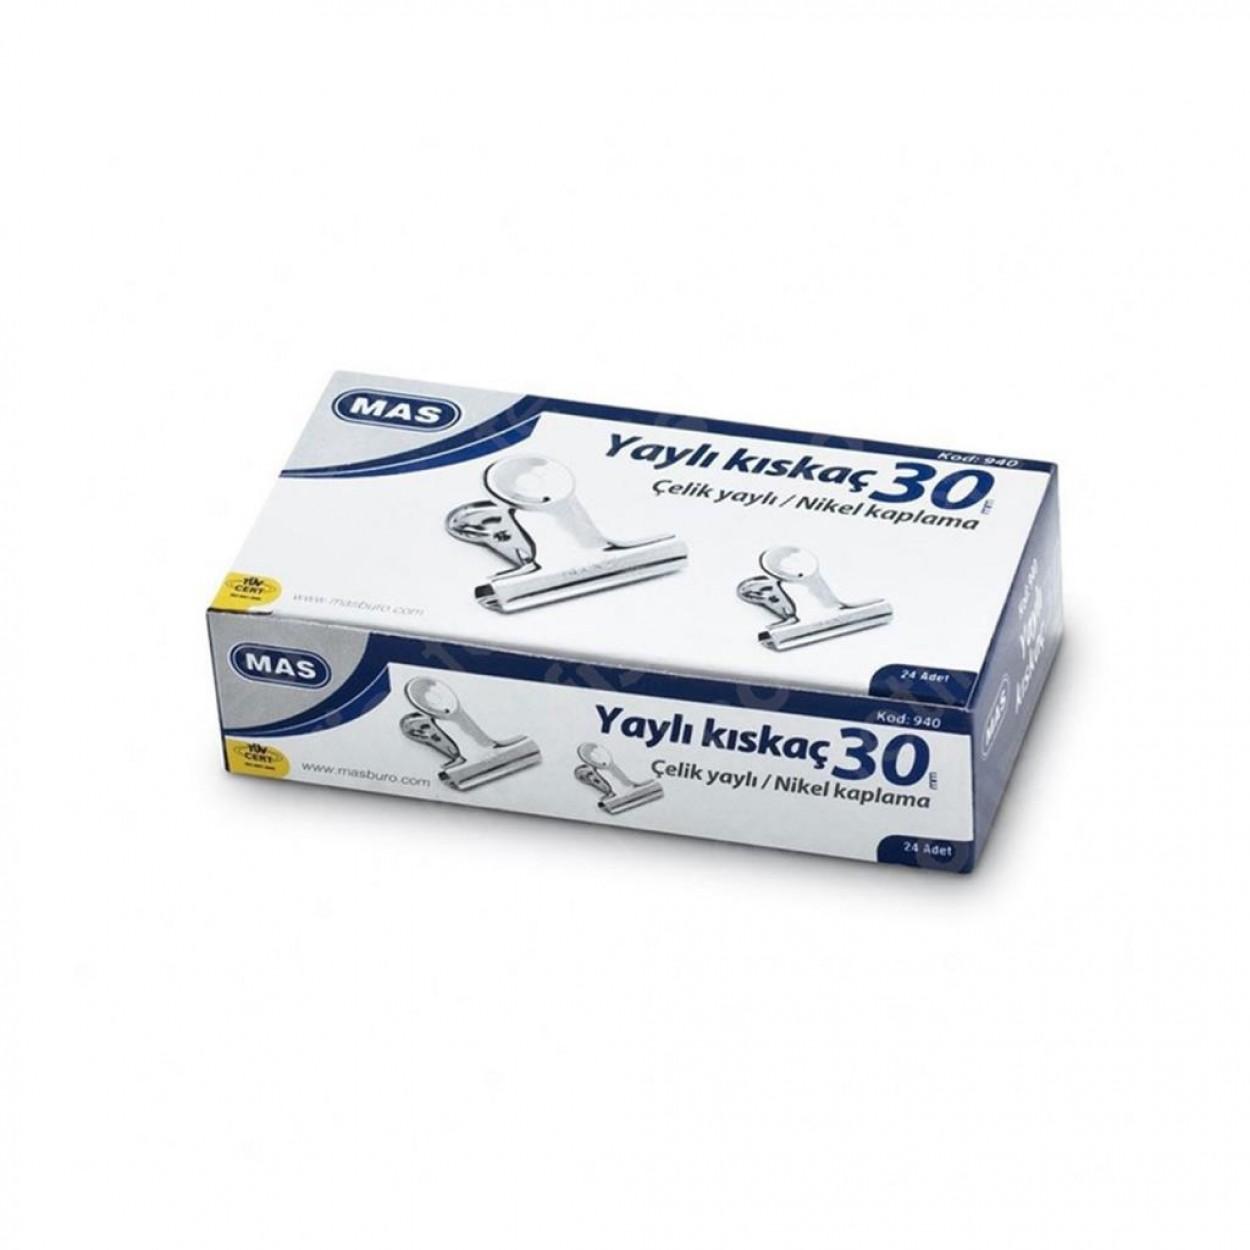 Mas 940 Beyaz Metal Kıskaç 30 mm 24 Lü Paket